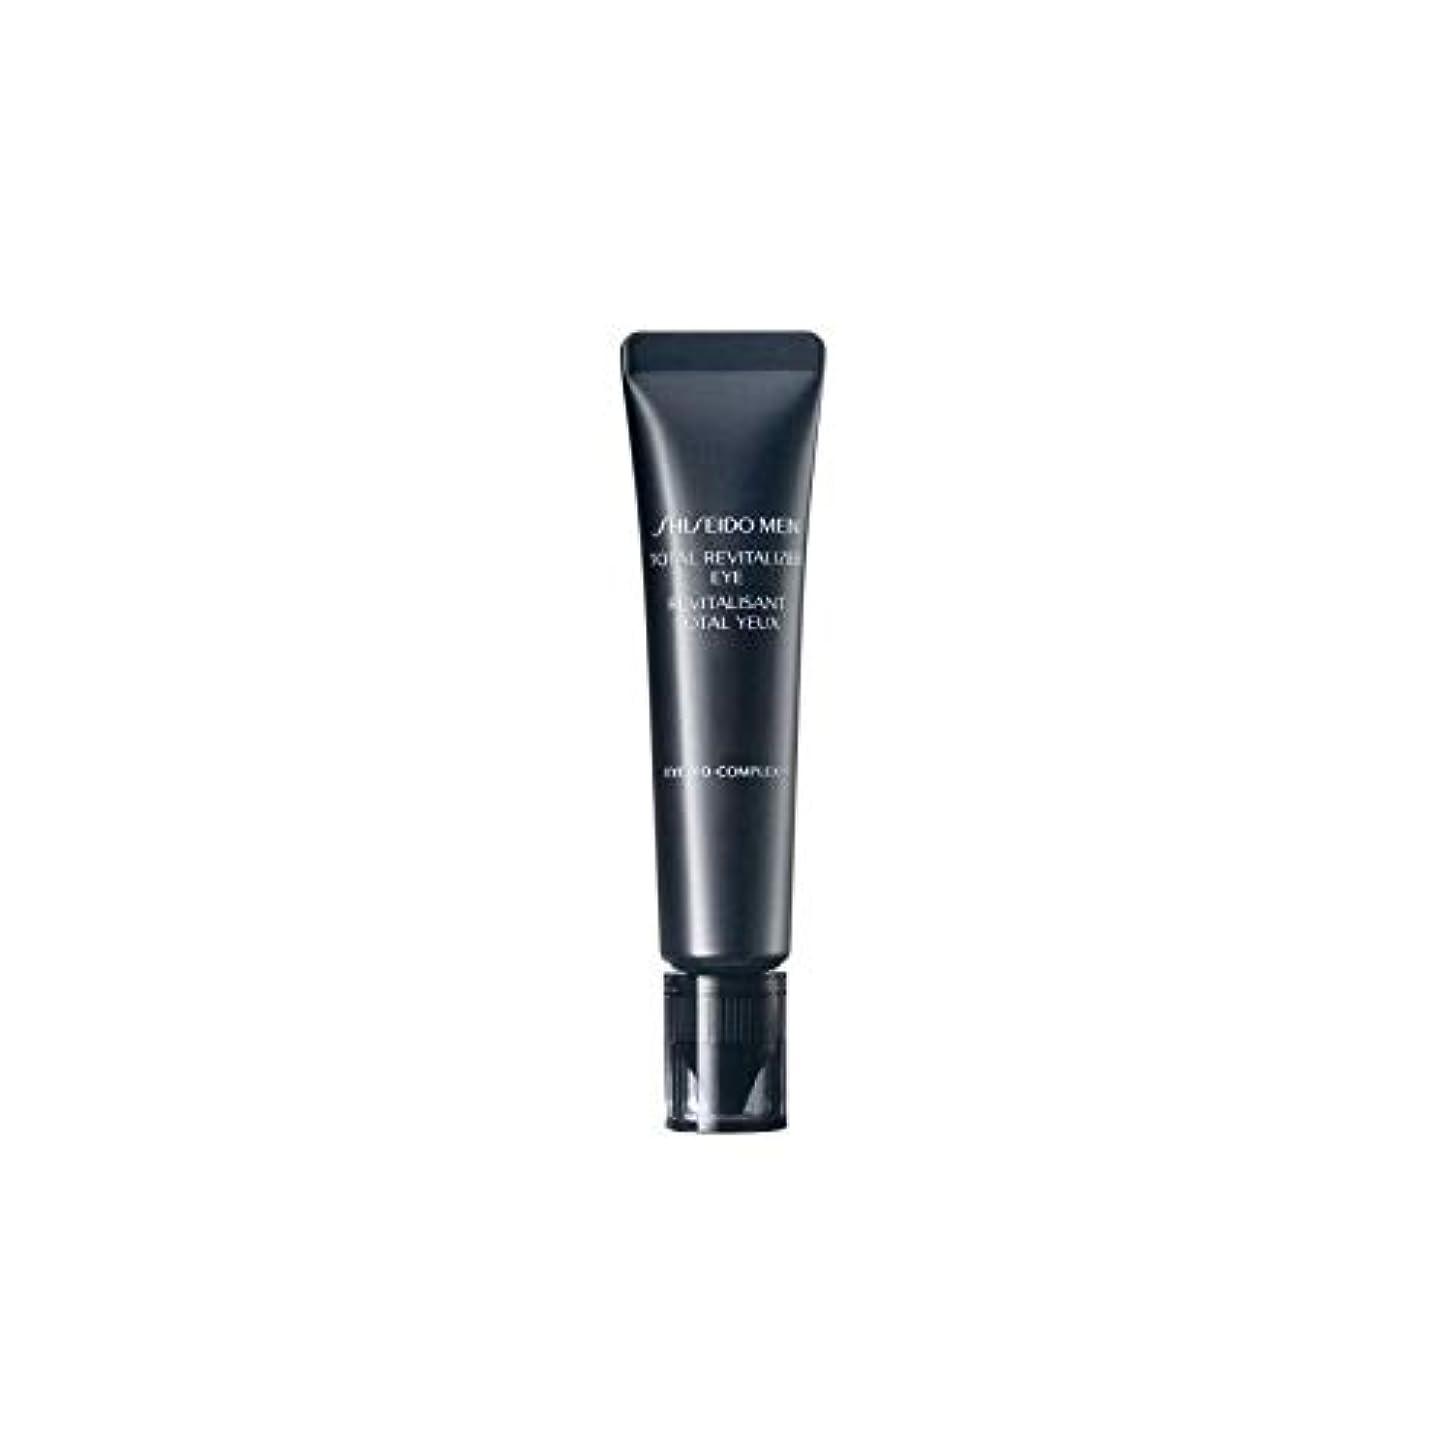 差別化する戦うつかむ[Shiseido ] 資生堂は、総滋養強壮の眼(15ミリリットル)をメンズ - Shiseido Mens Total Revitalizer Eye (15ml) [並行輸入品]